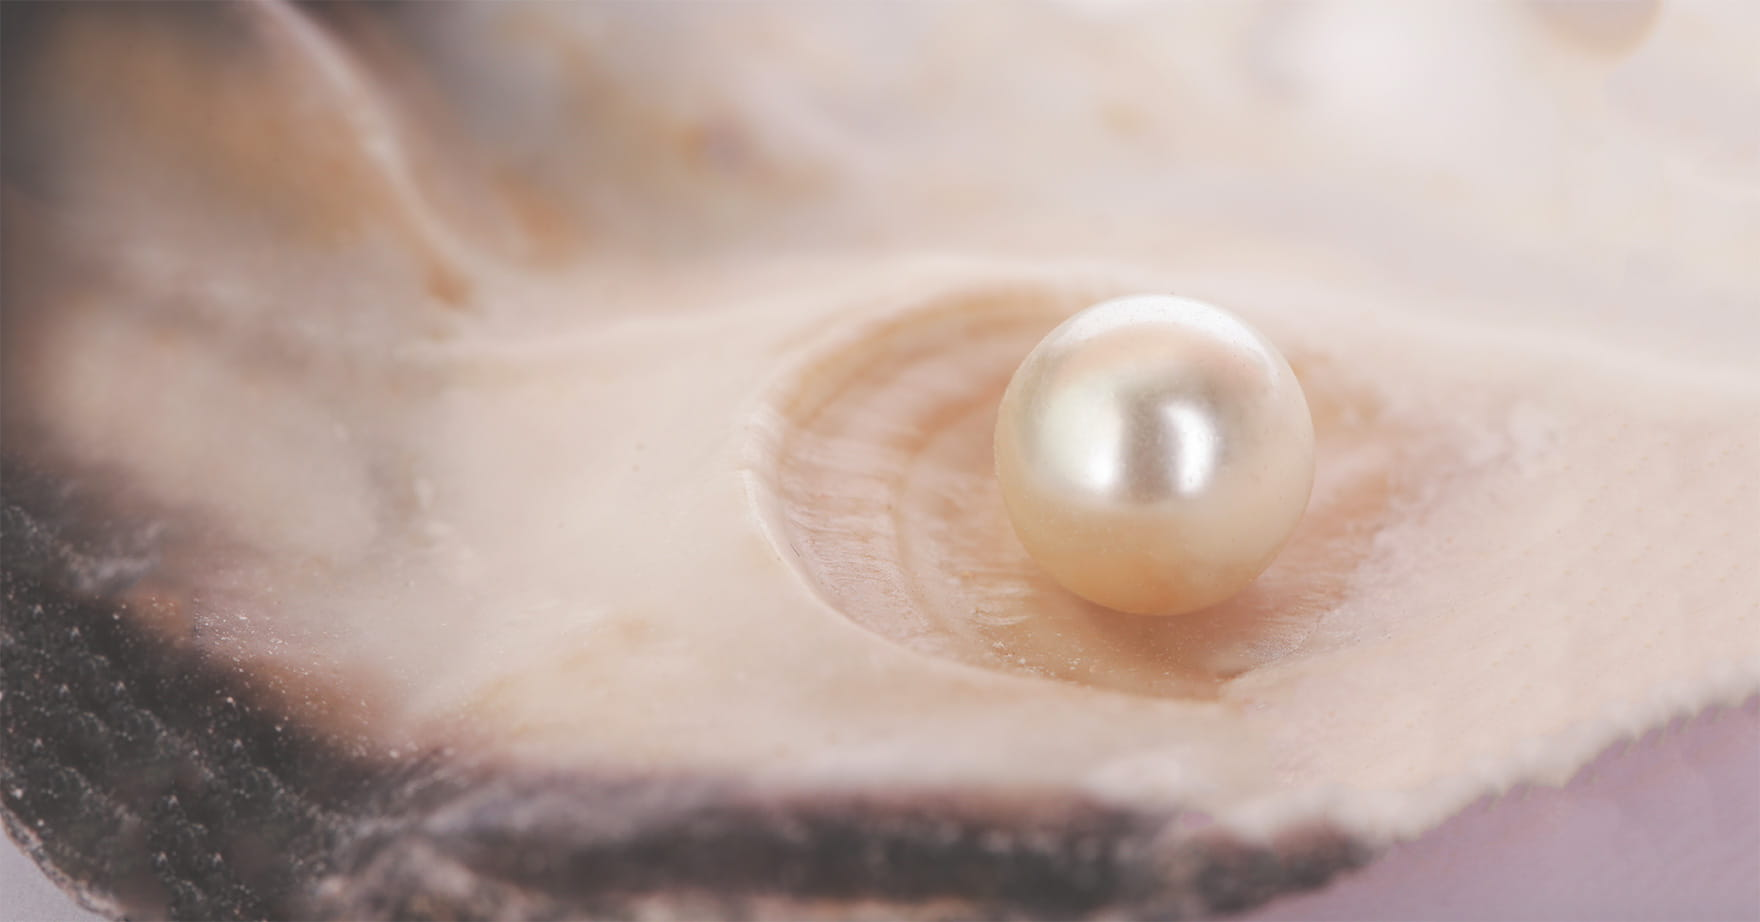 Les bienfaits pour la santé de la poudre de perles: les superaliments de la mer